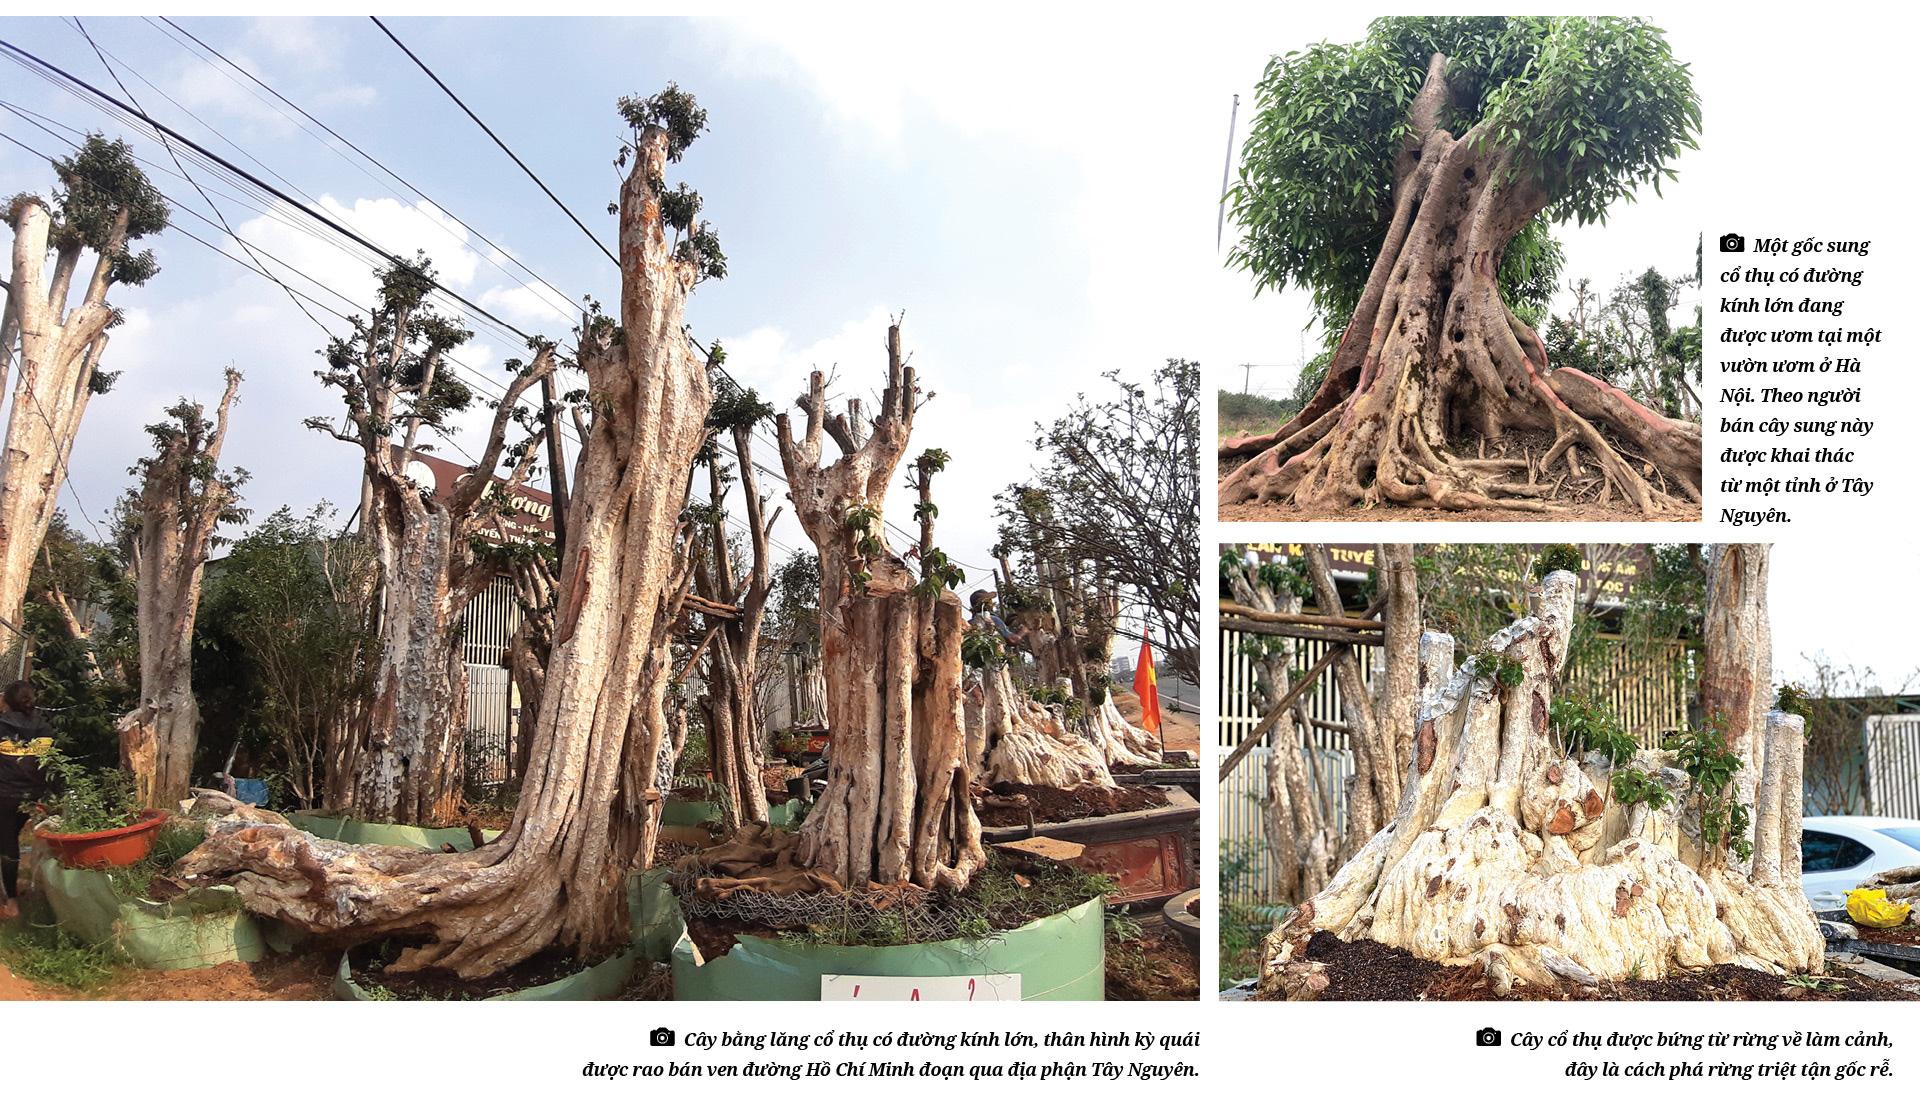 Thủ đoạn hô biến rừng cây cổ thụ (Bài 4): Thú chơi cây cổ thụ đang tàn phá rừng như thế nào? - Ảnh 4.